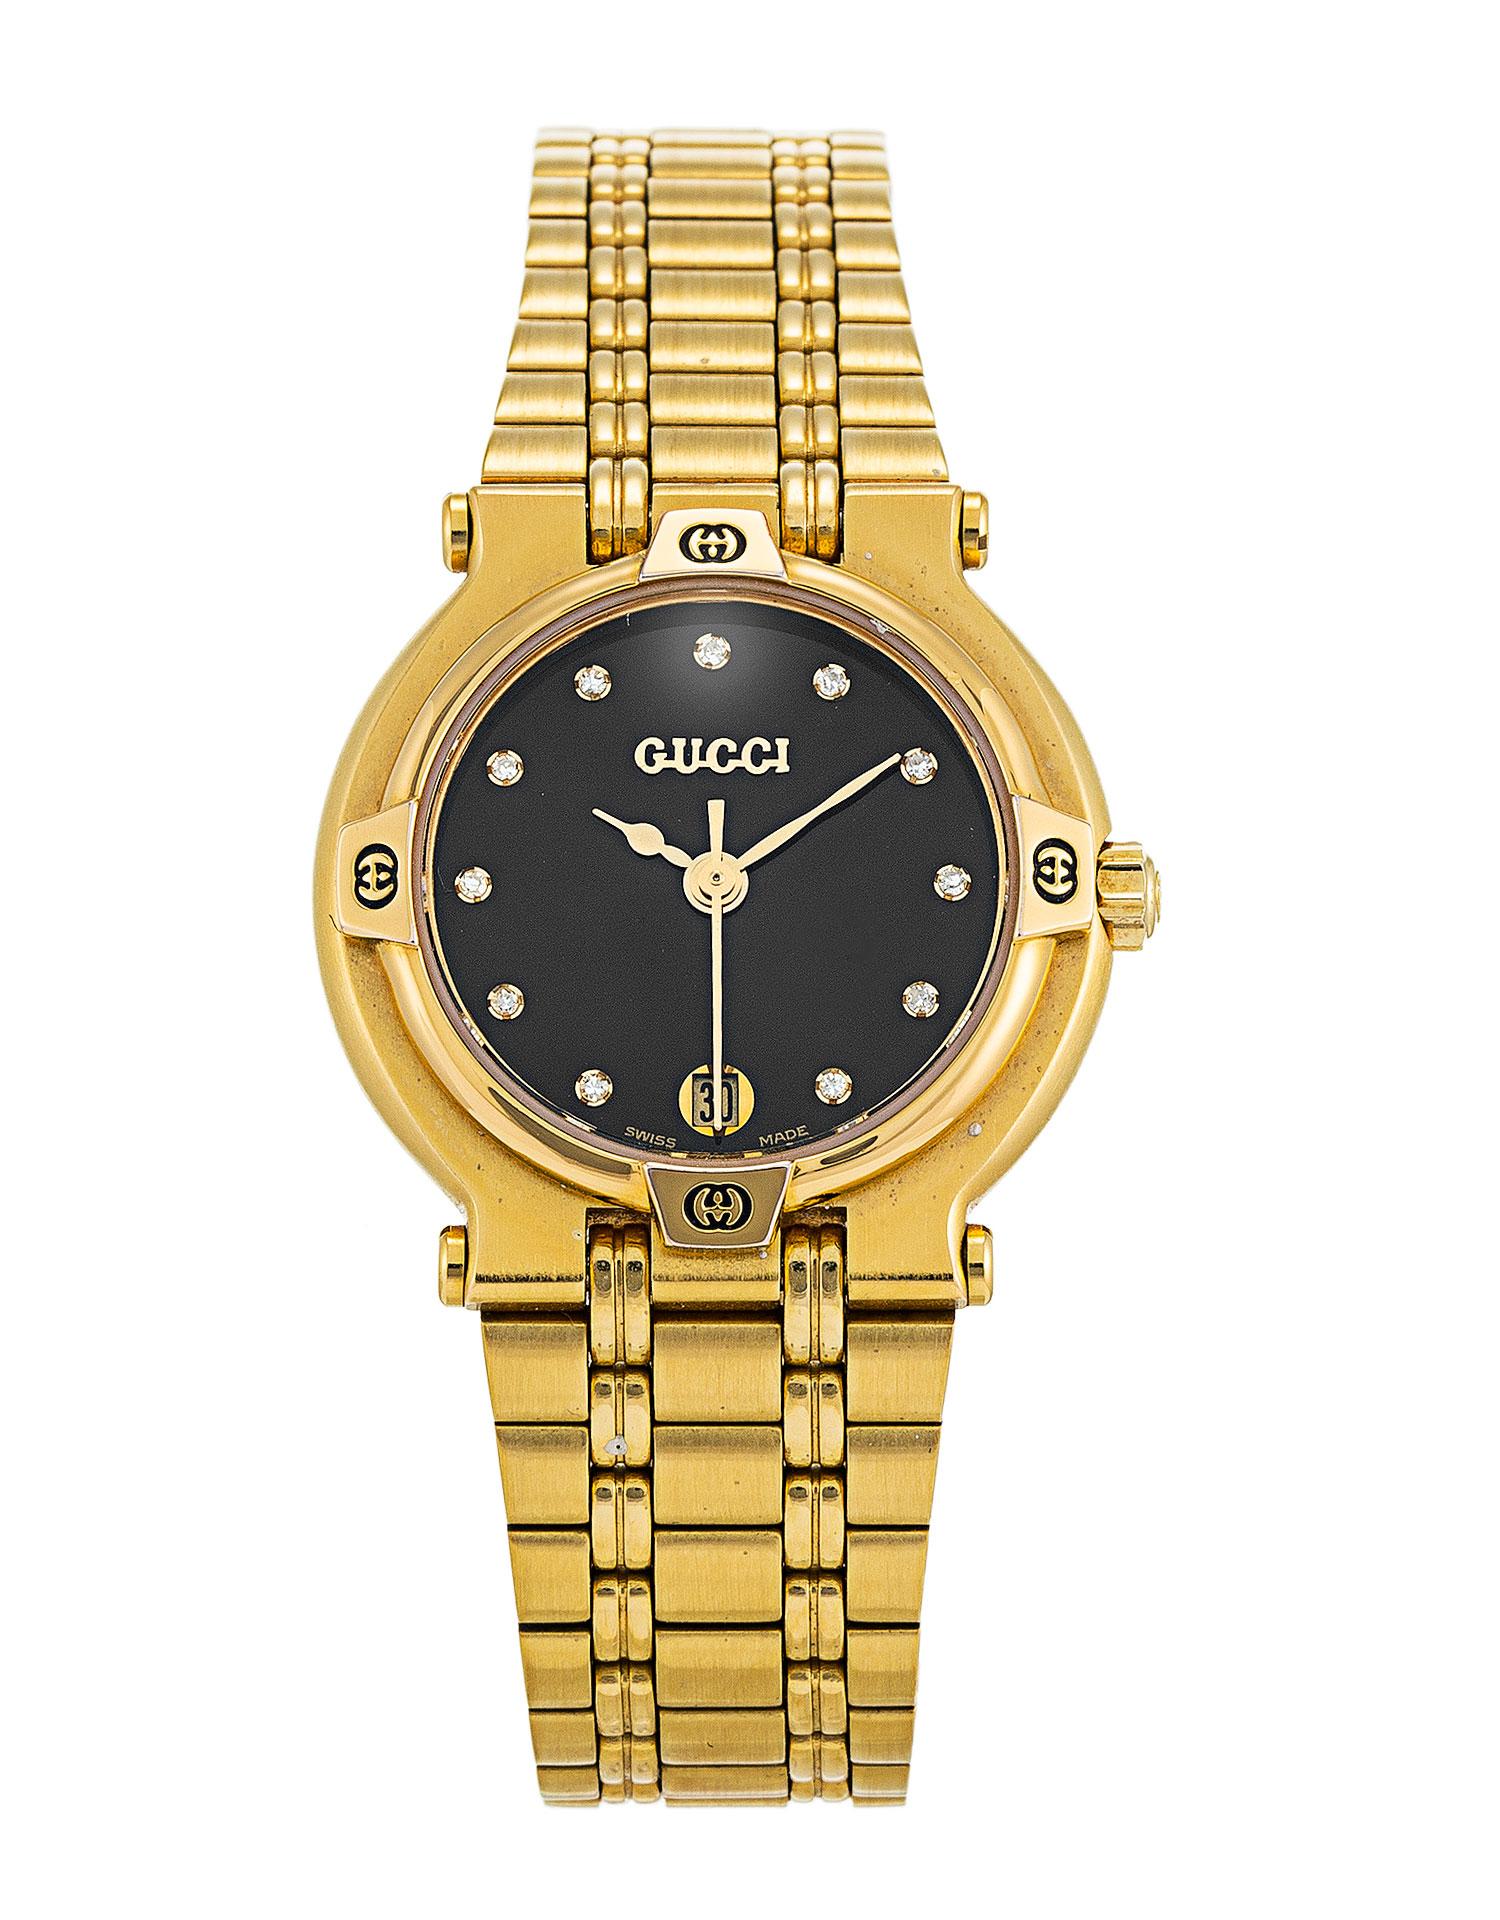 d8253e27e44 Gucci 9200L 9200L Watch